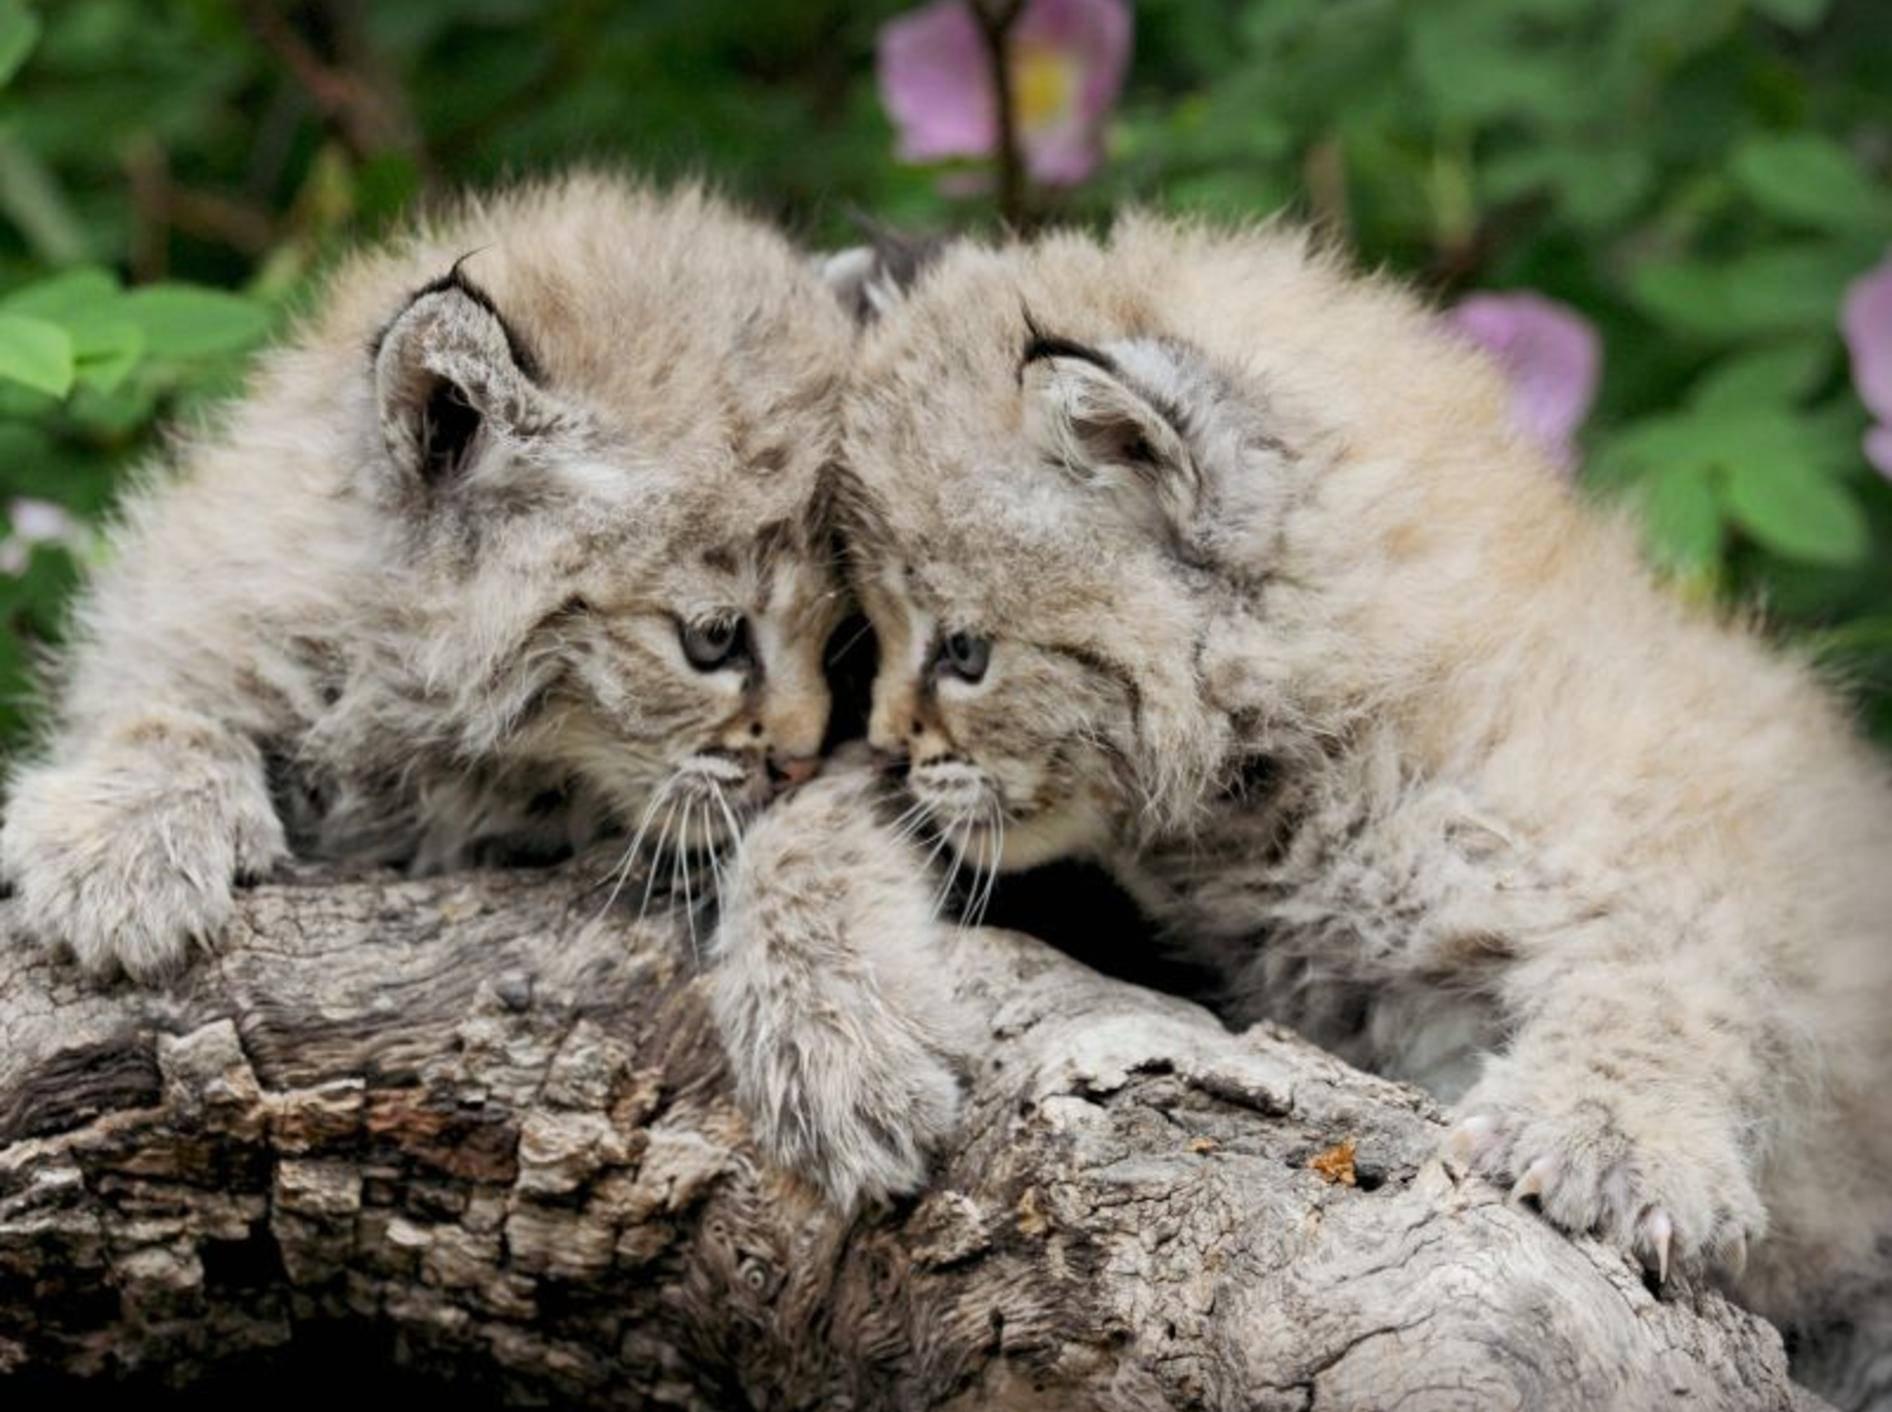 Erst ein paar Wochen auf der Welt: Rotluchse werden meist im Frühjahr geboren – Bild: Shutterstock / Kimberly Griffith